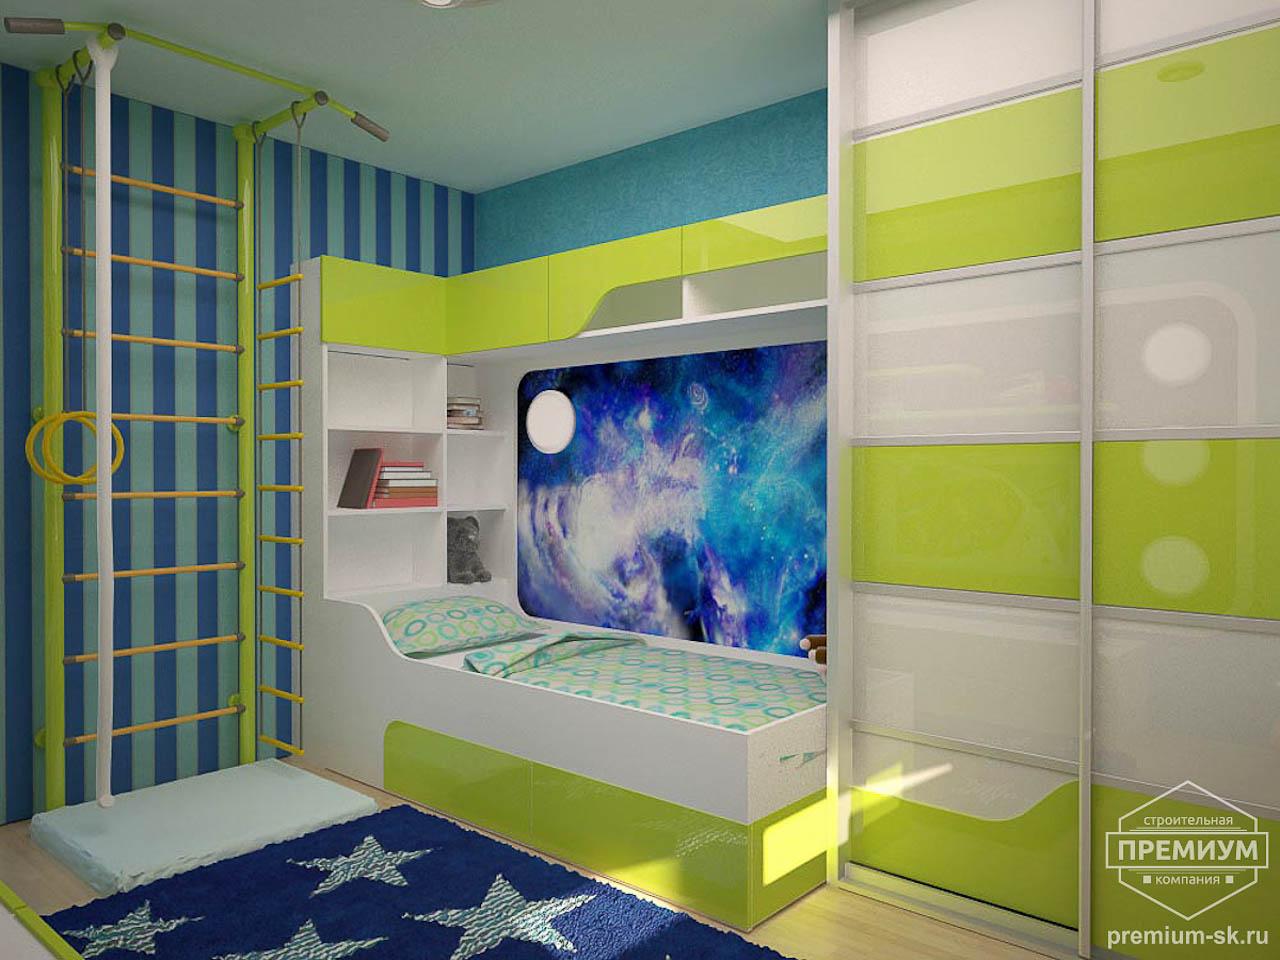 Дизайн интерьера детской по ул. Радищева 33 img488609190